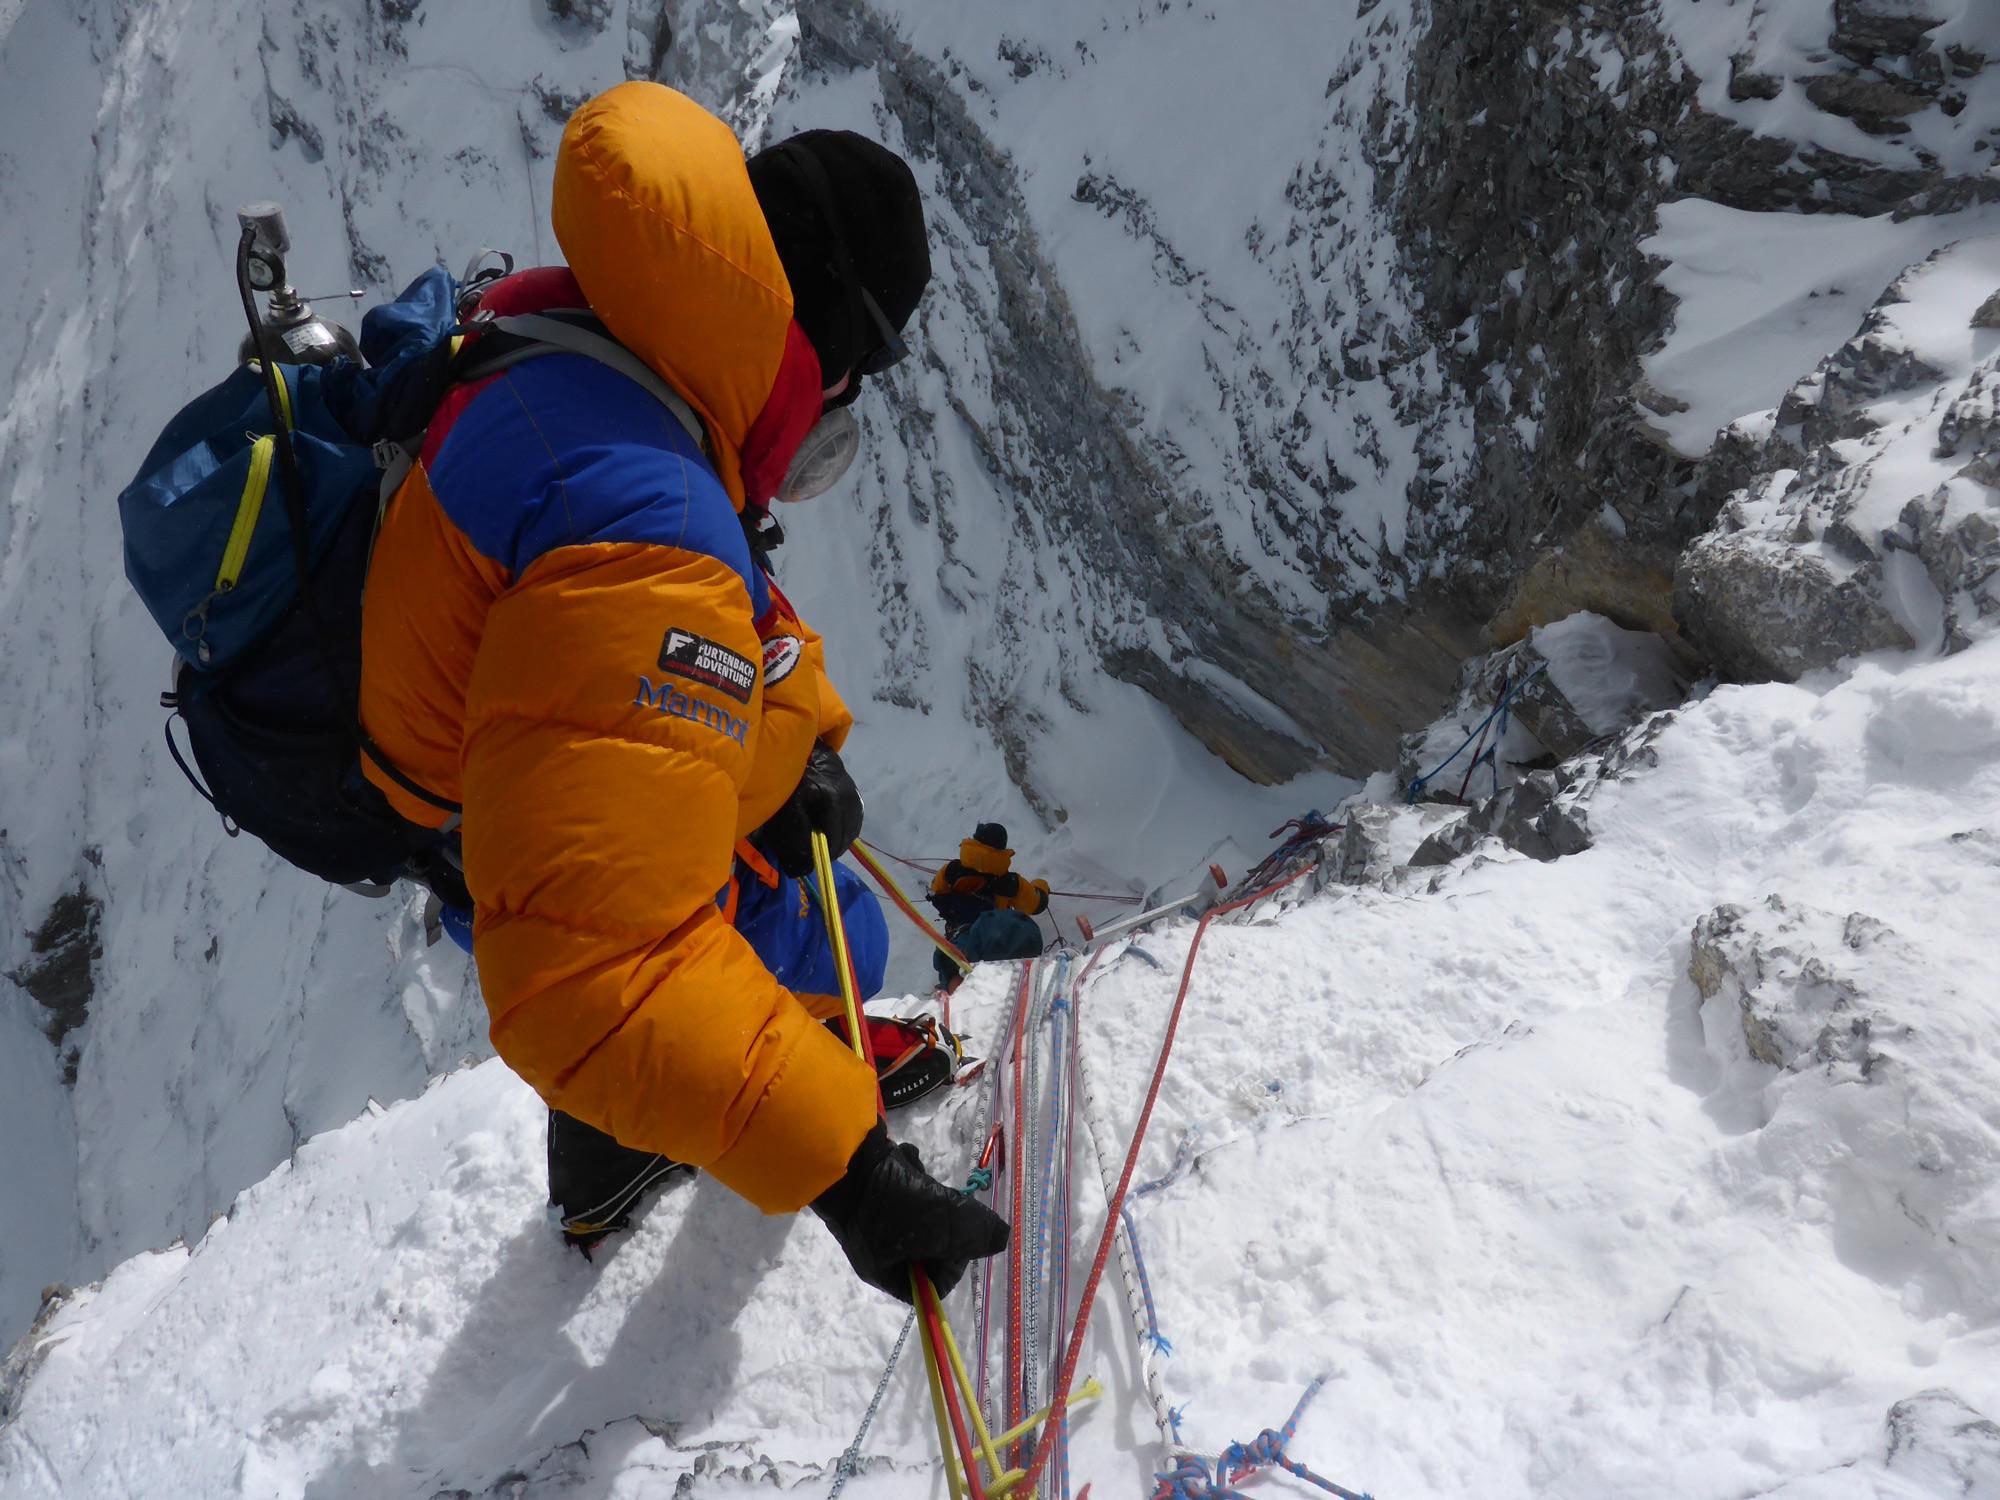 """Am Ausstieg des """"Second Step"""". Die mentale Schlüsselstelle auf 8.610 m auf der Tibetischen Nordseite. Foto: Rupert Hauer, Mai 2018 am Mount Everest. I bergundsteigen.blog"""